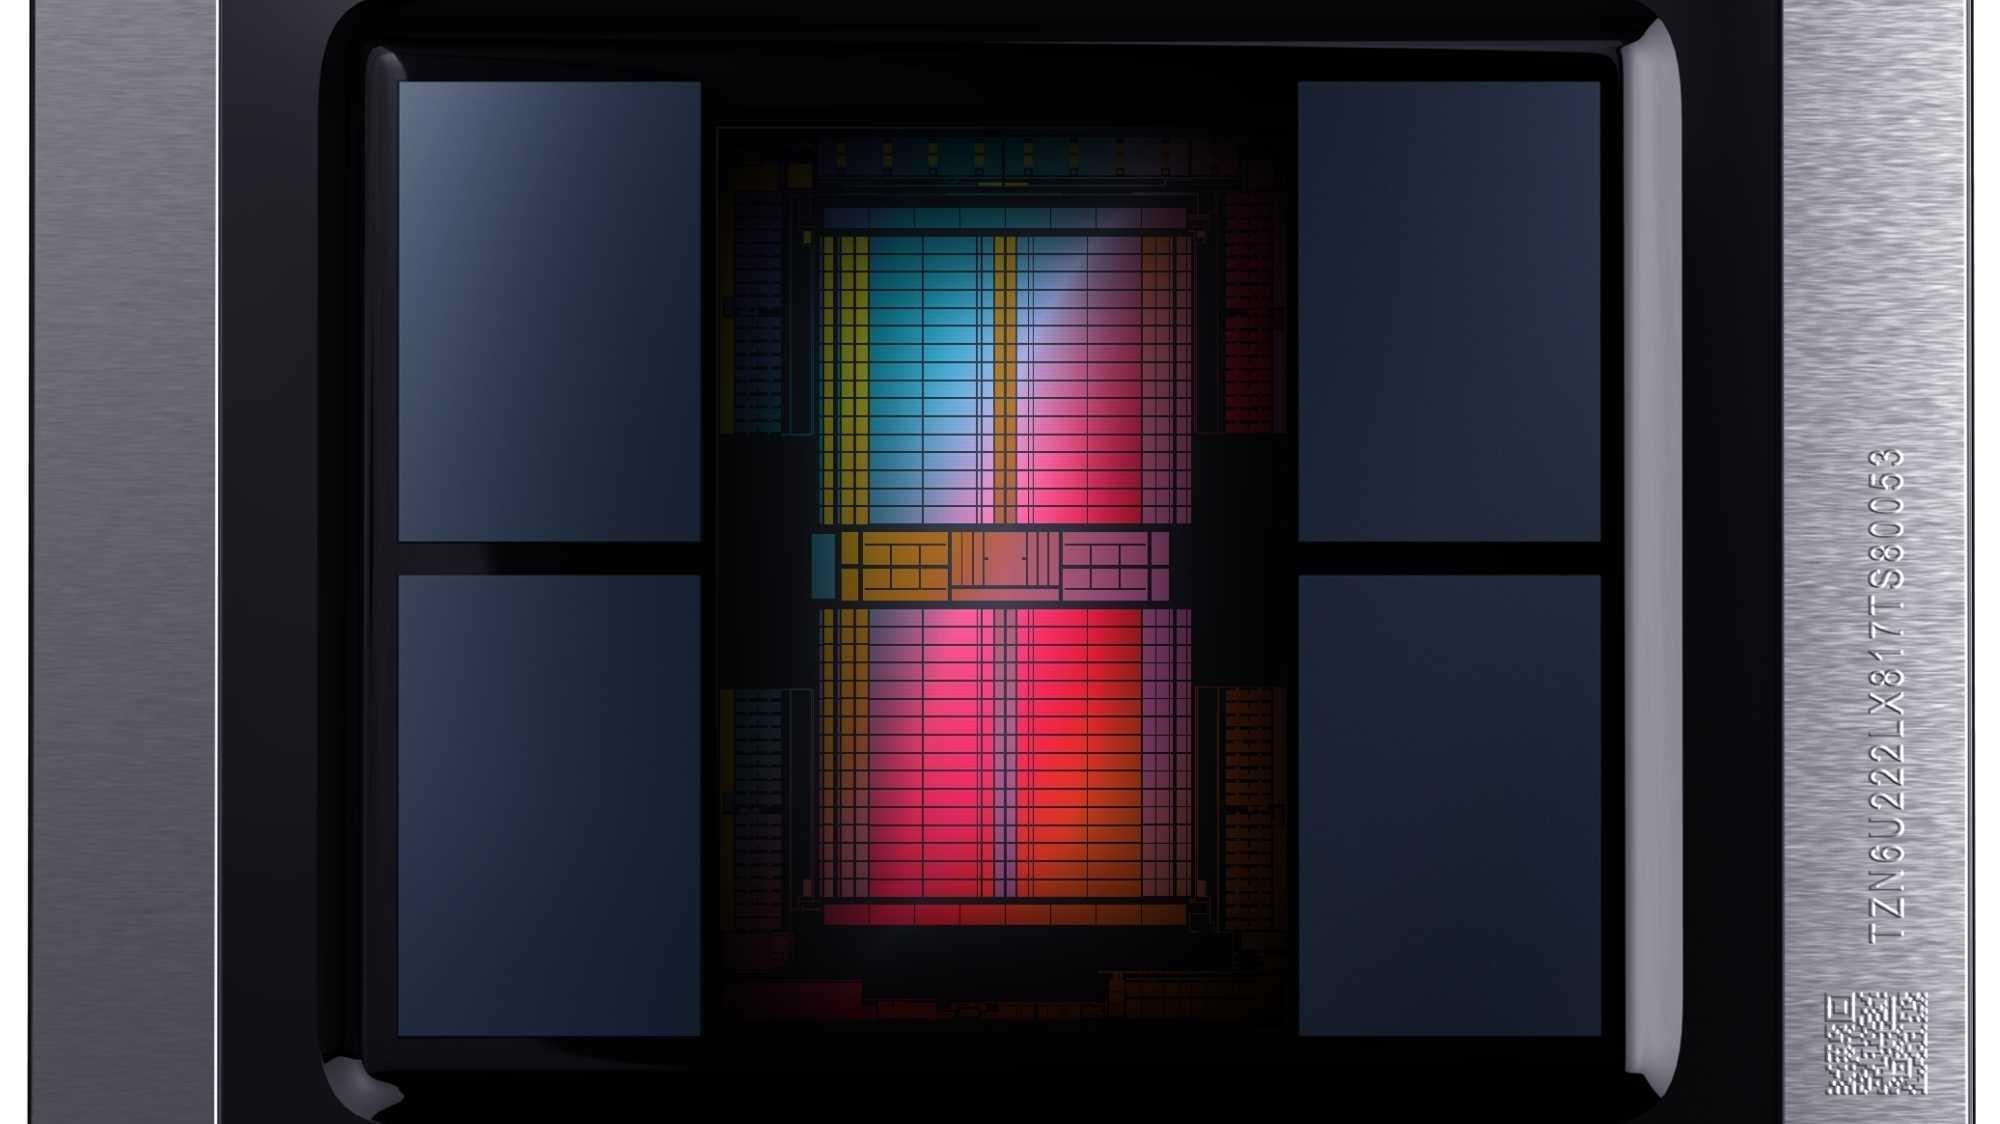 Die Radeon-VII-GPU soll mit bis zu 1,8 GHz laufen und einer GeForce RTX 2080 Konkurrenz machen. Ihr HBM2-Speicher liefert einen Durchsatz von 1 TByte/s.